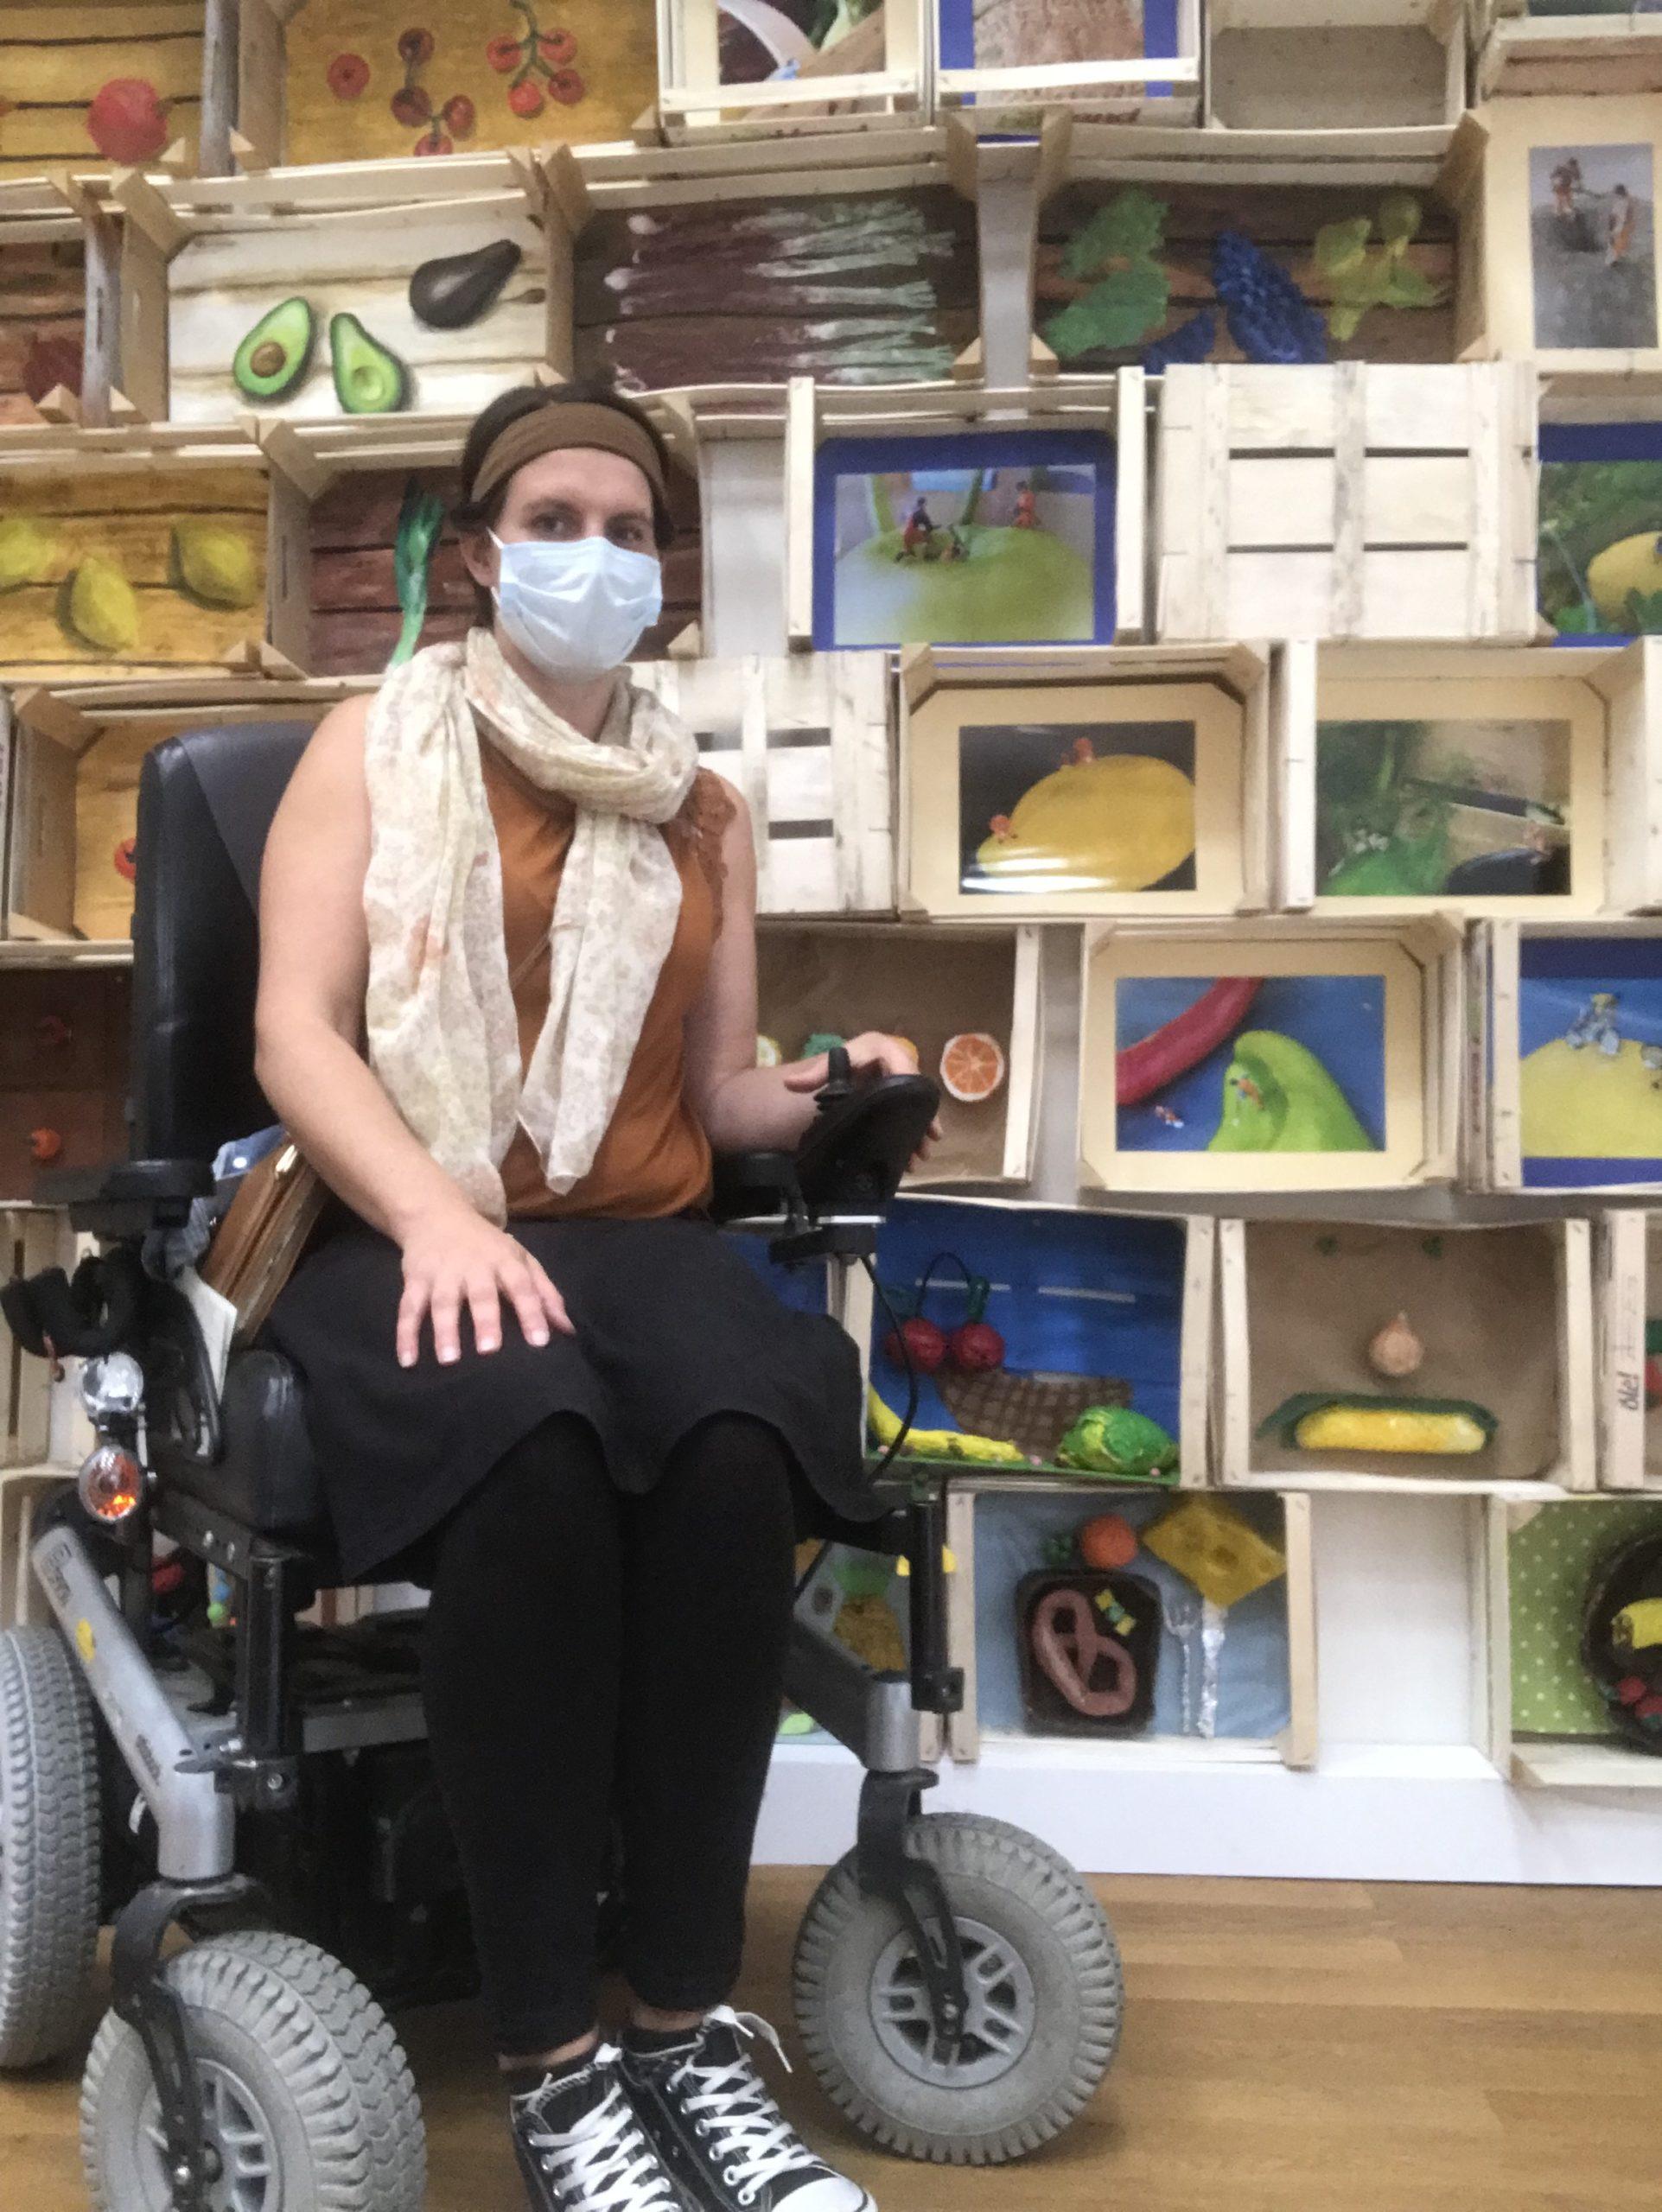 Ich sitze mit Mundschutz im Rollstuhl vor vielen Weinkisten. In diesen sind verschiedene Obstbilder von KIndern gestaltet